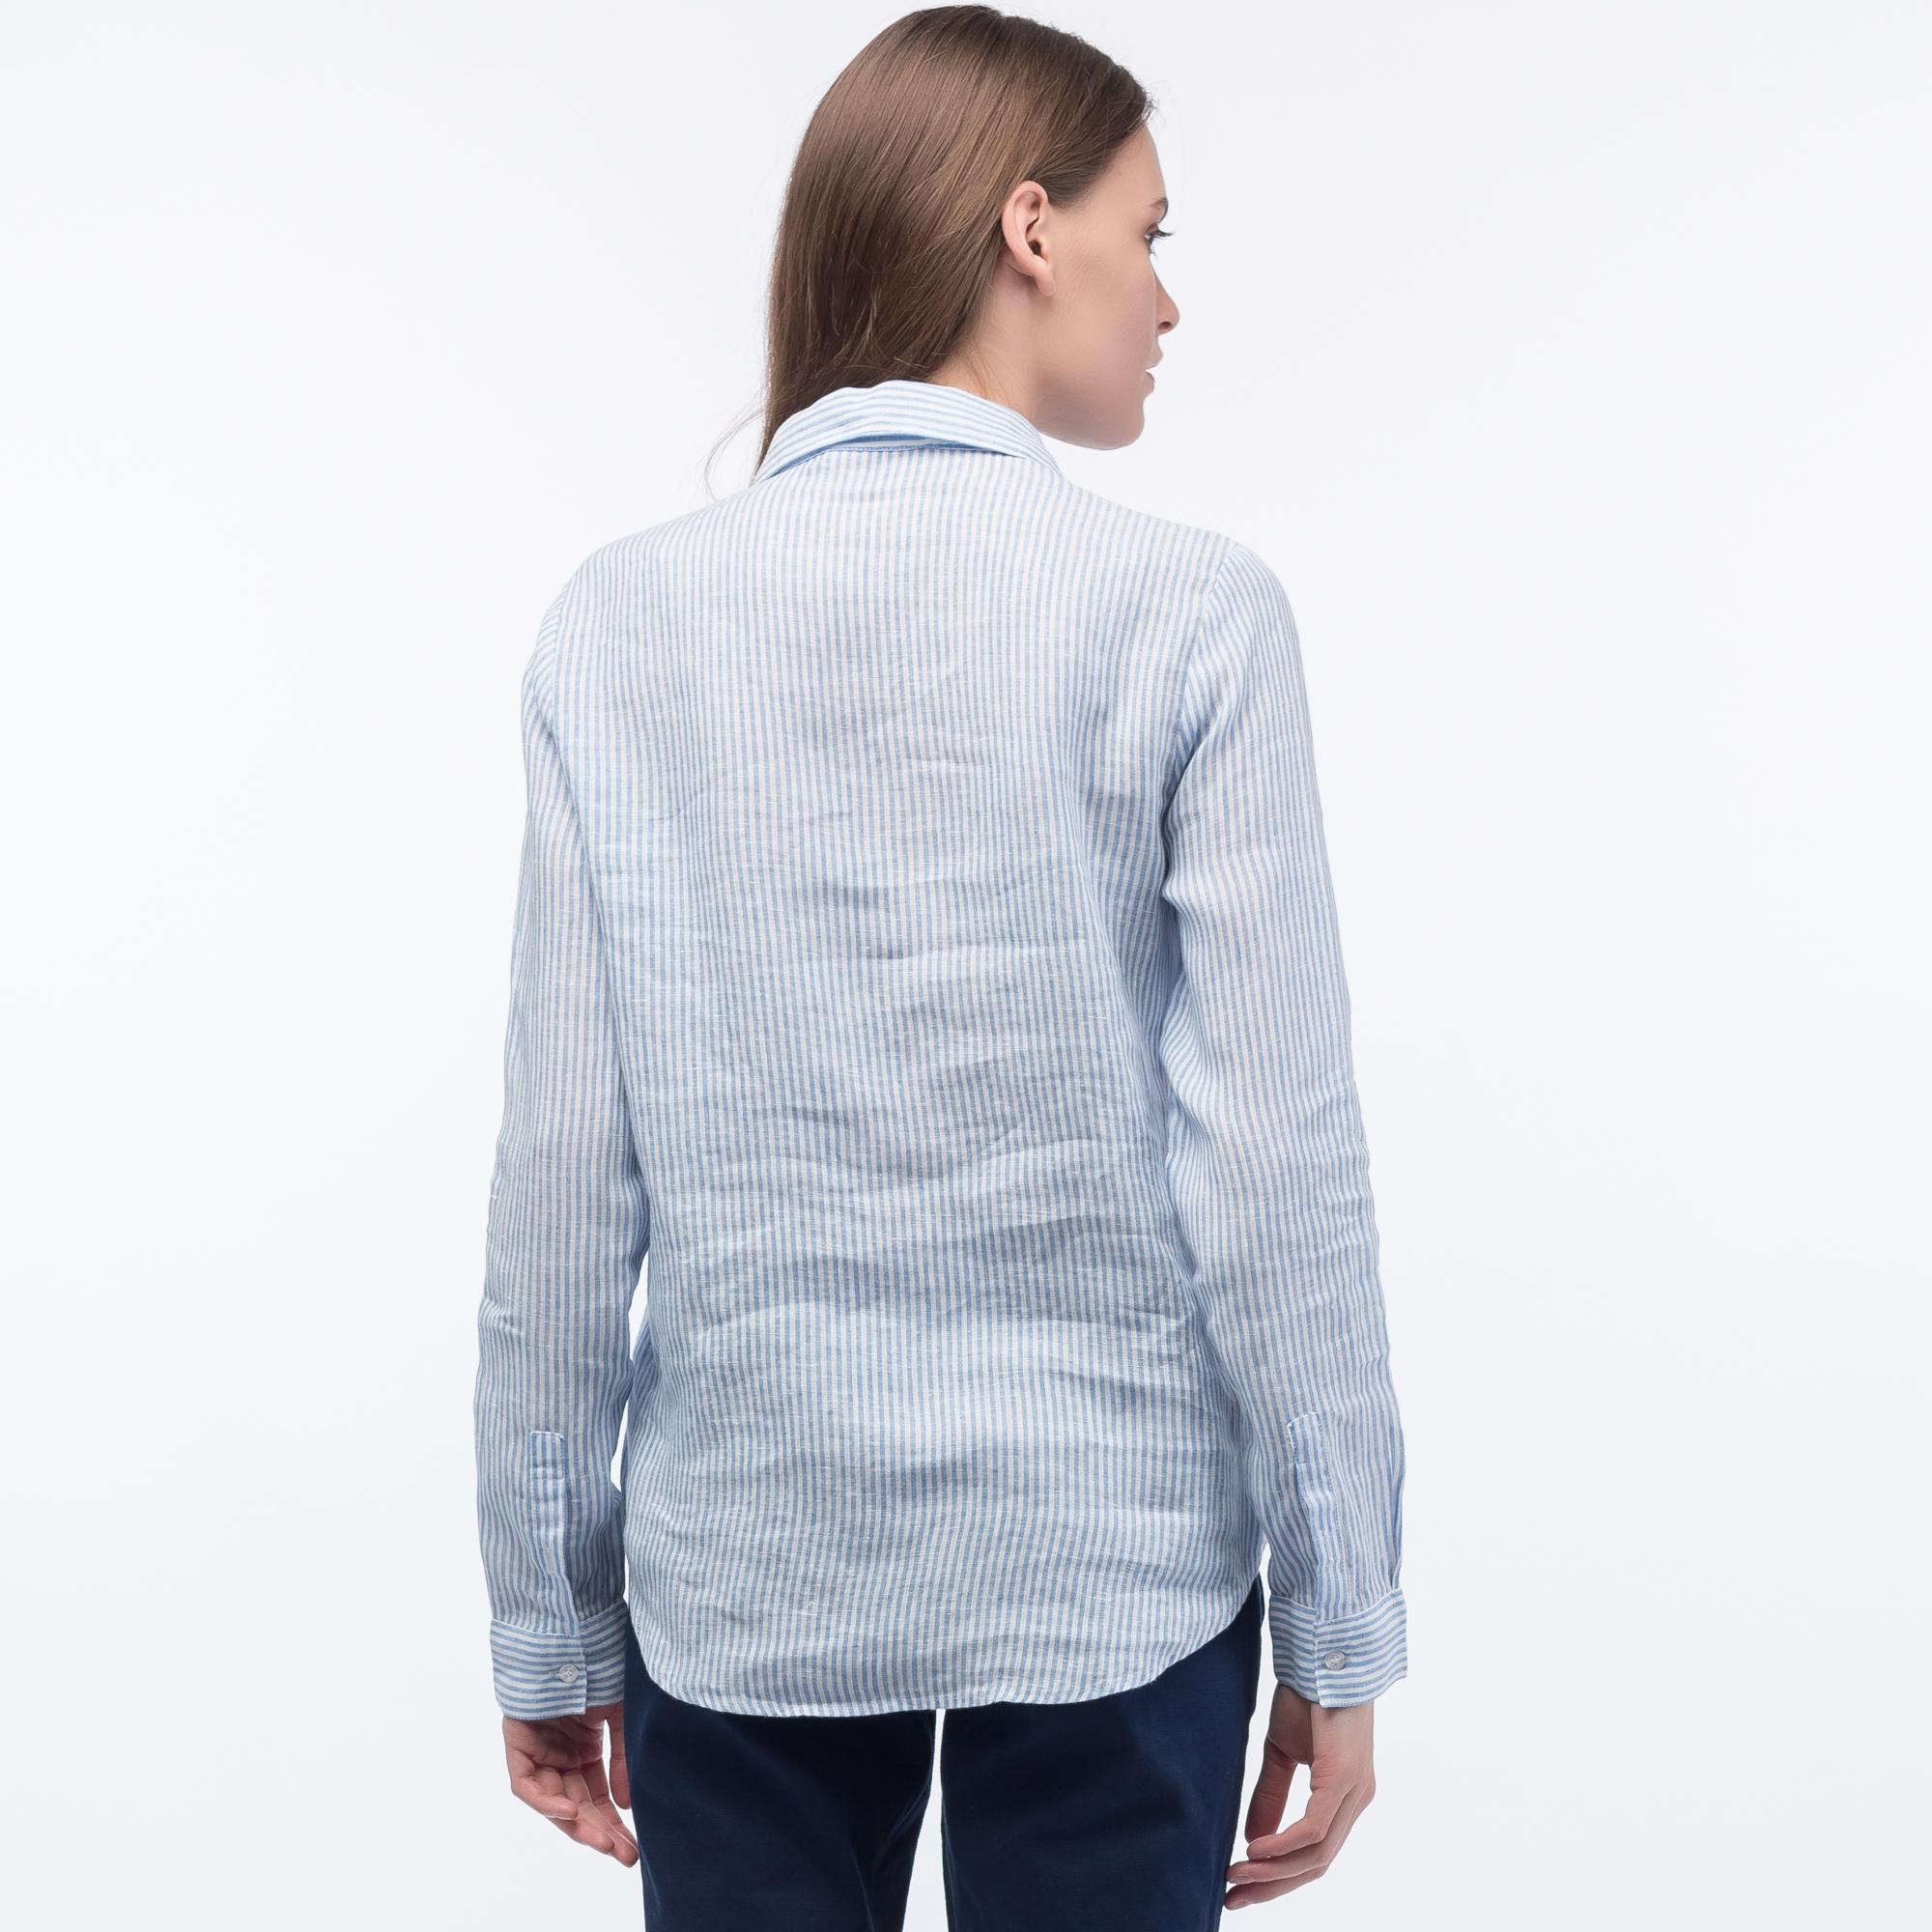 Фото 4 - Рубашку Lacoste Loose fit голубого цвета